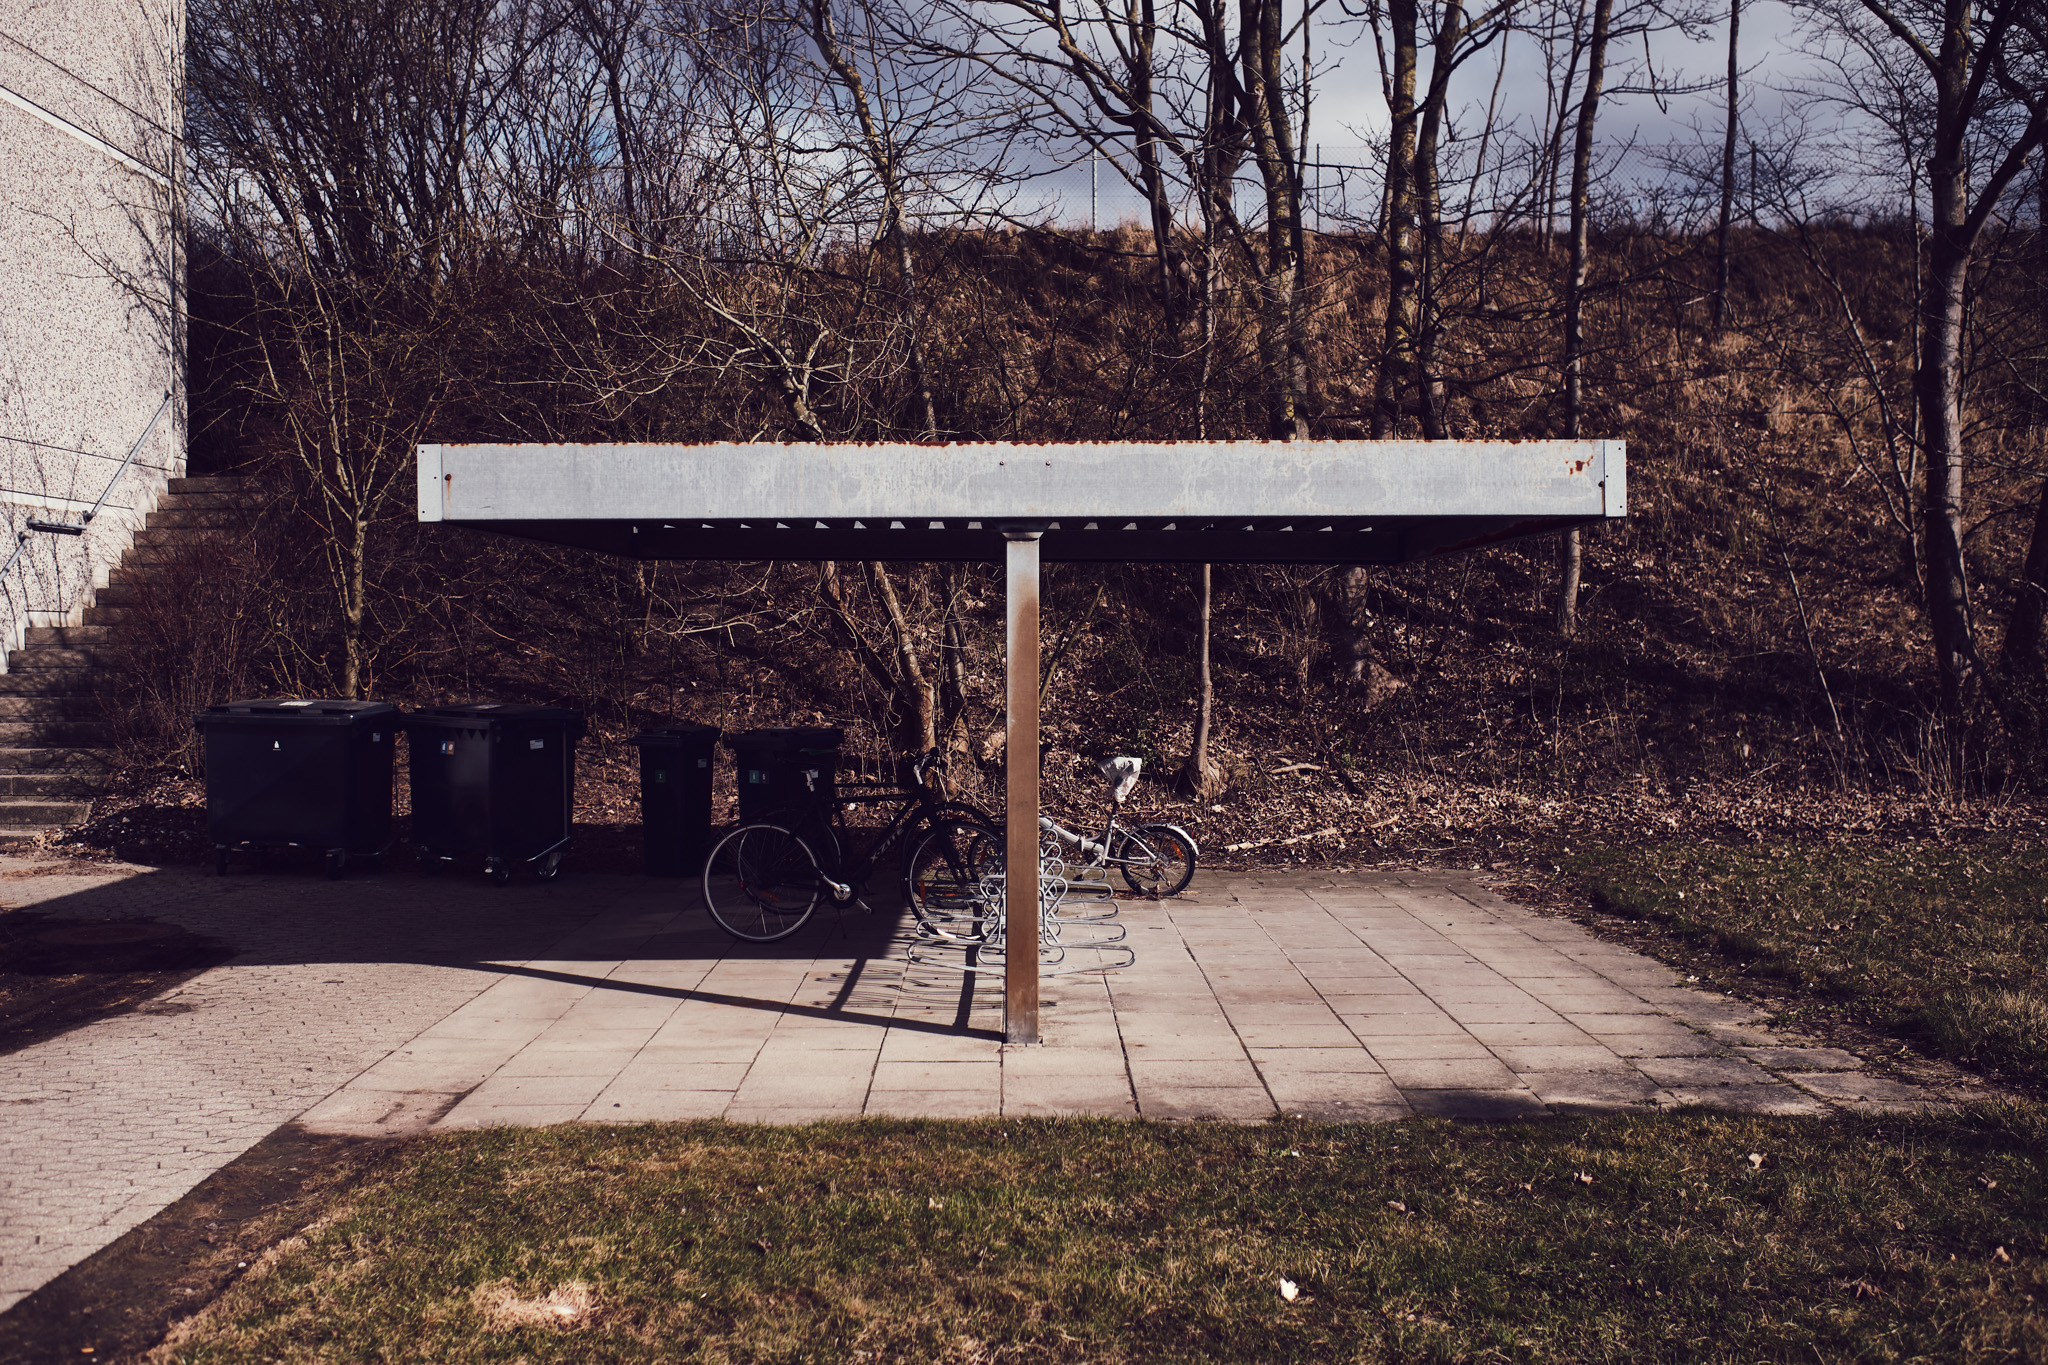 Street foto Odense - Fuji X-T3